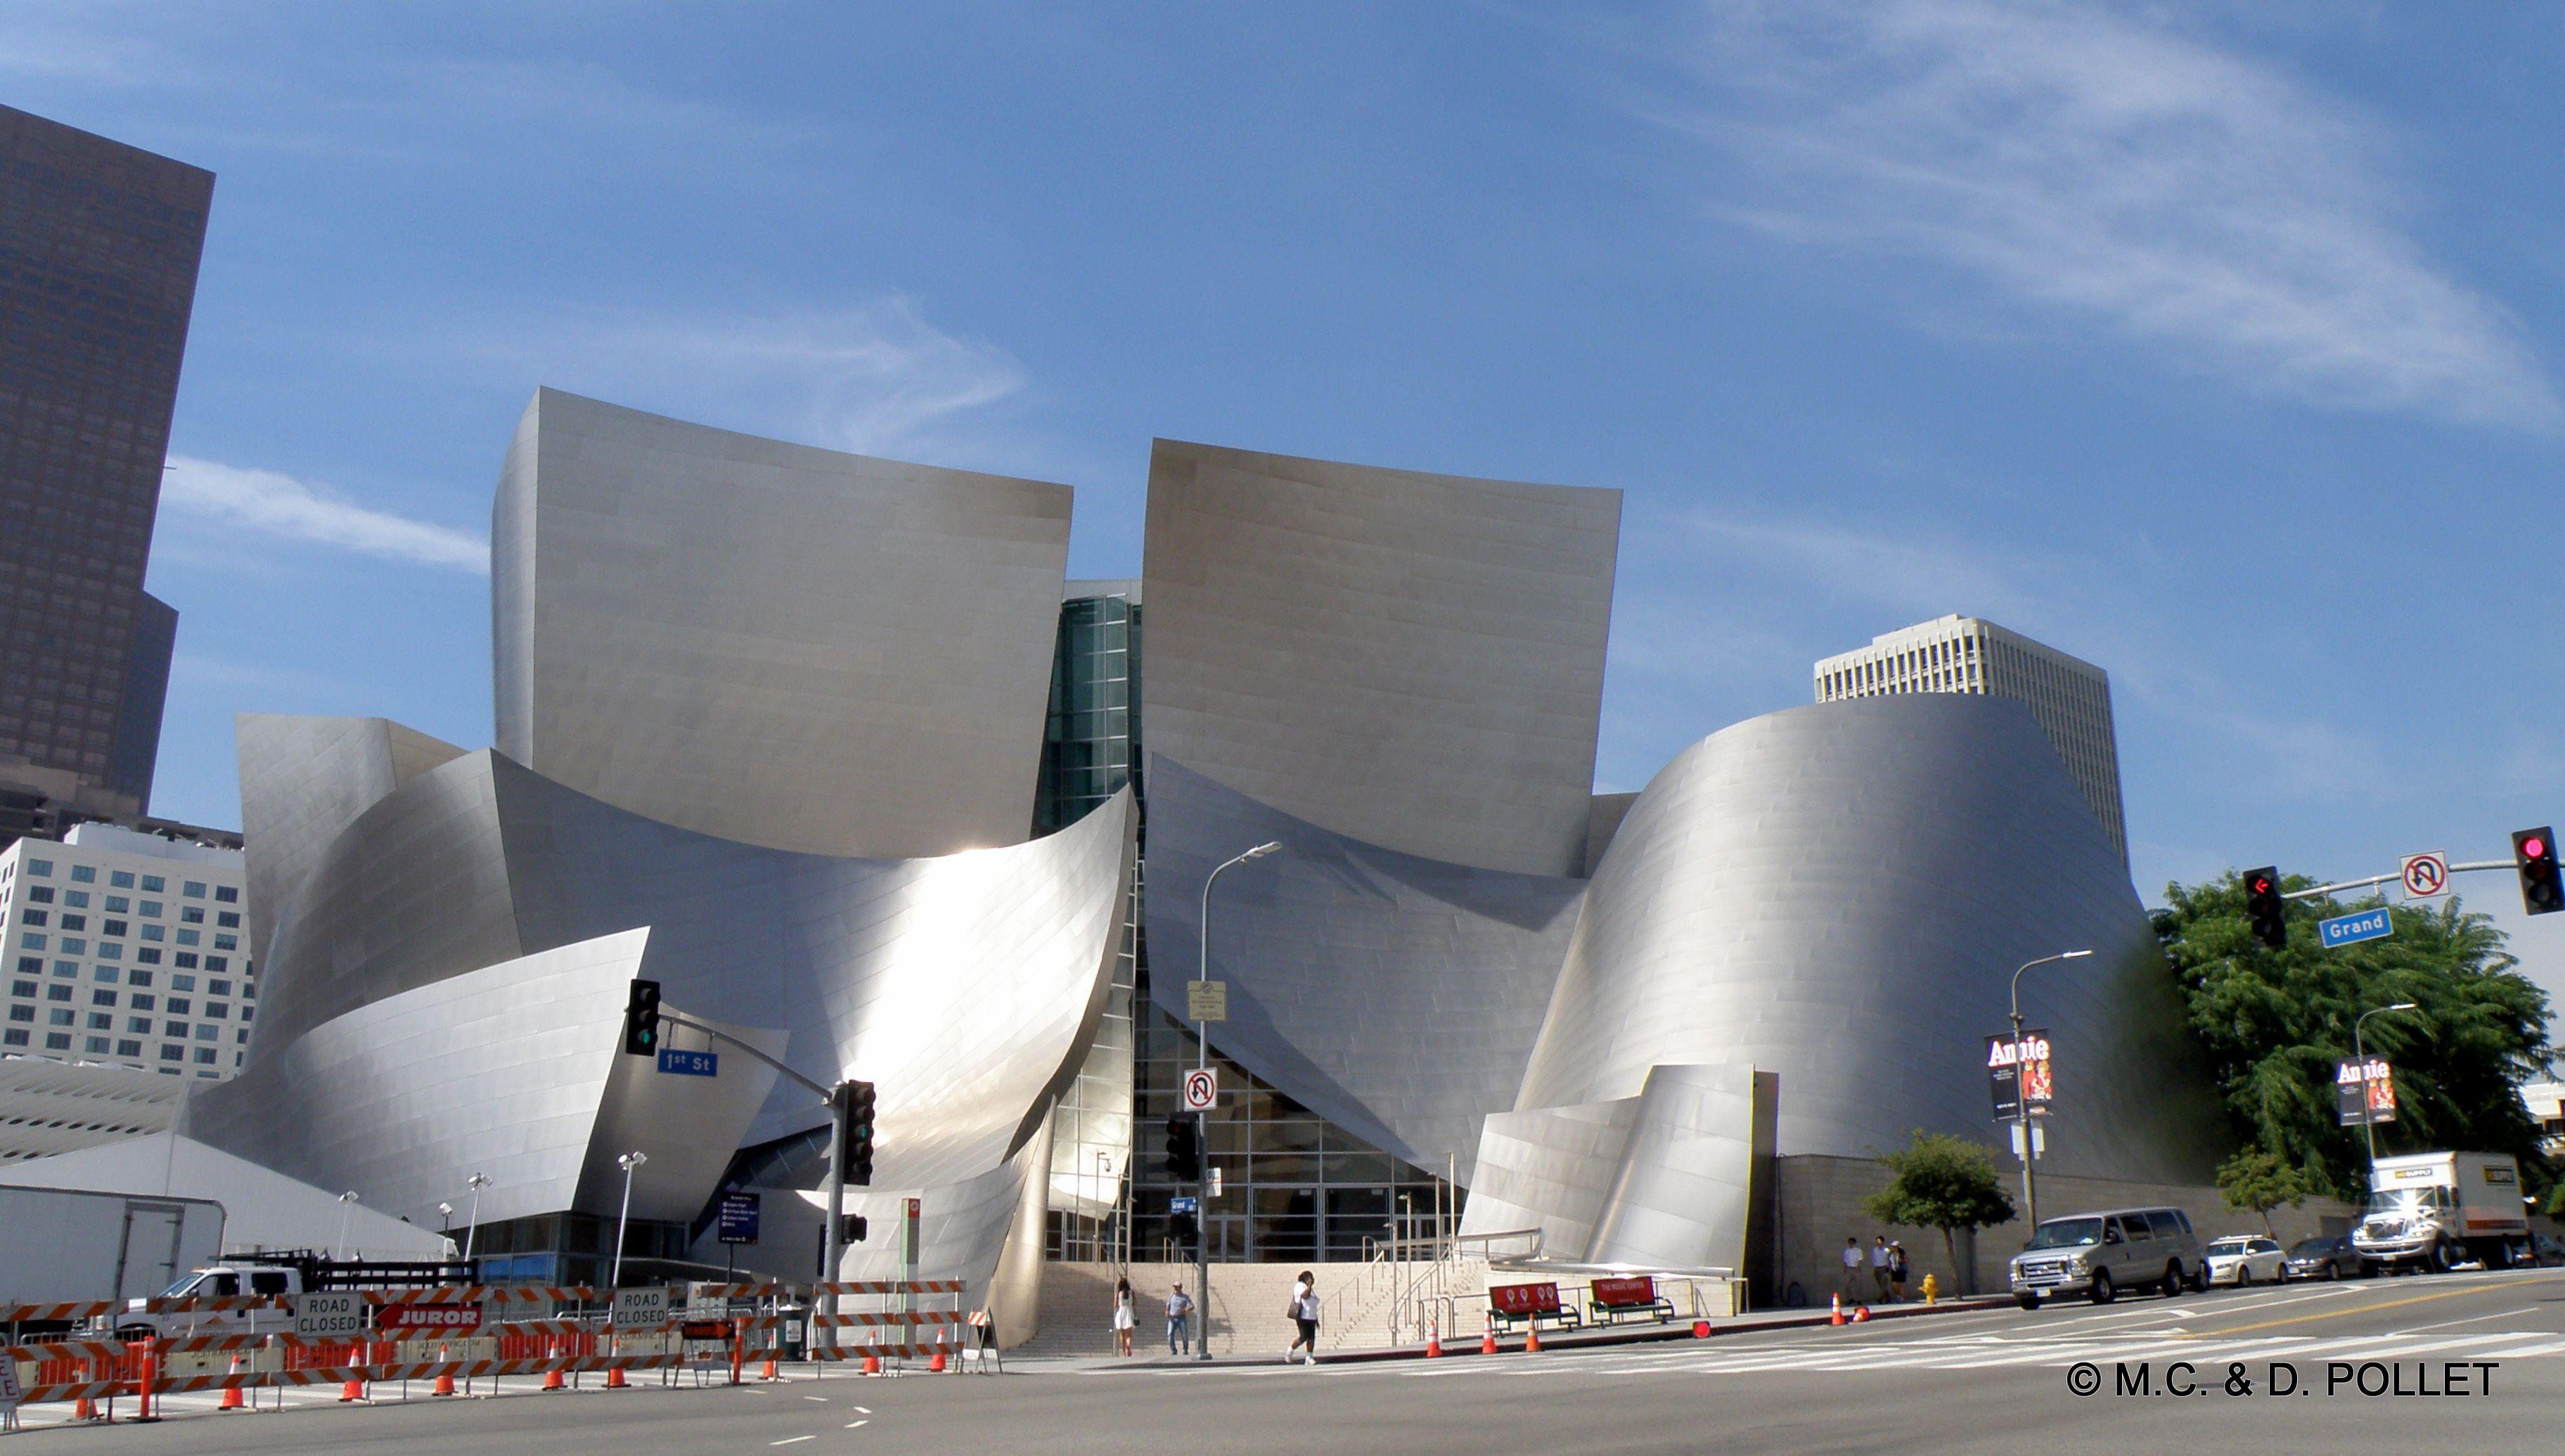 2015 Disney Hall, siège de l'orchestre philharmonique de Los Angeles